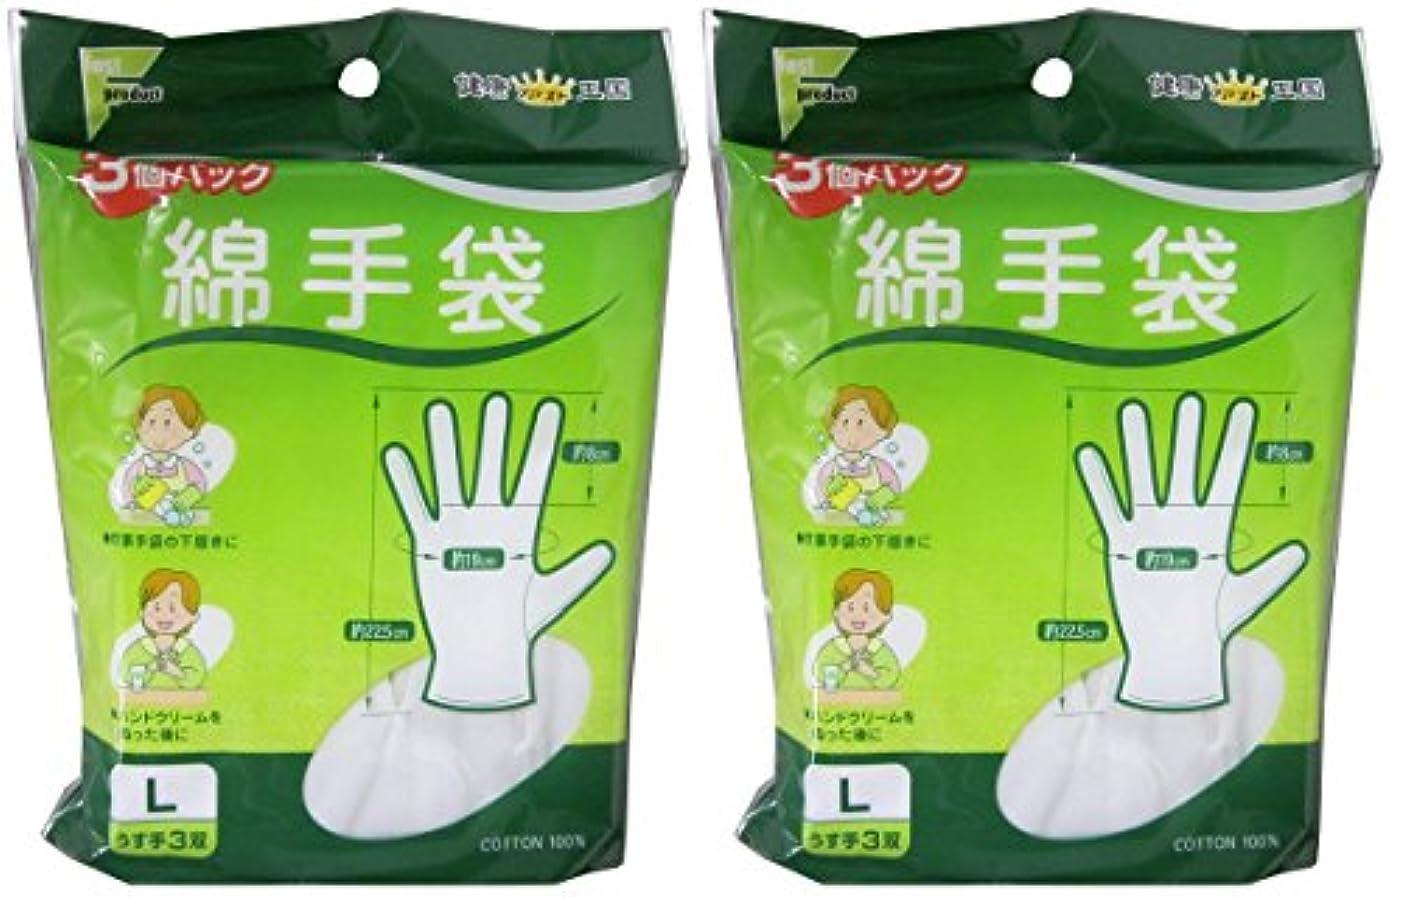 介入する遺跡何でもファスト綿手袋 Lサイズ 3双 L3双【2個セット】